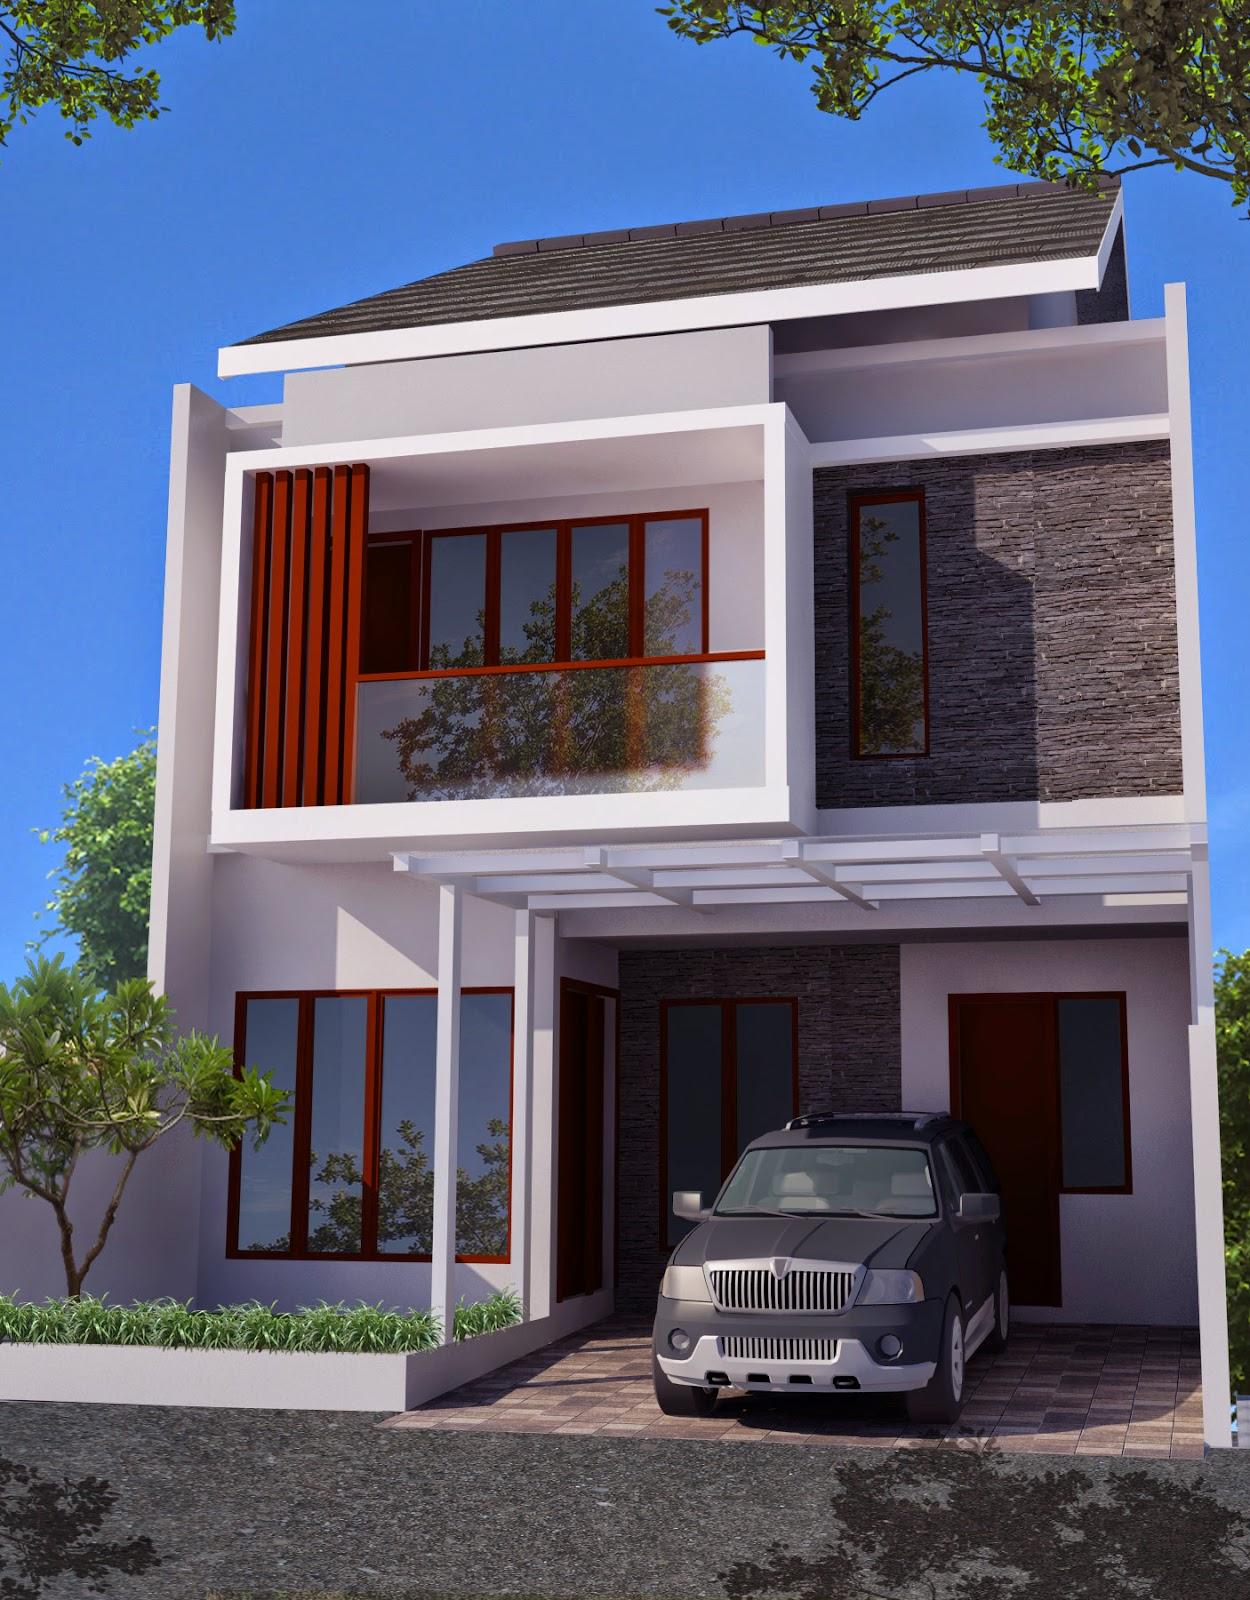 Desain Rumah 2 Lantai Ukuran 6x15 Desain Rumah Minimalis 2 Lantai